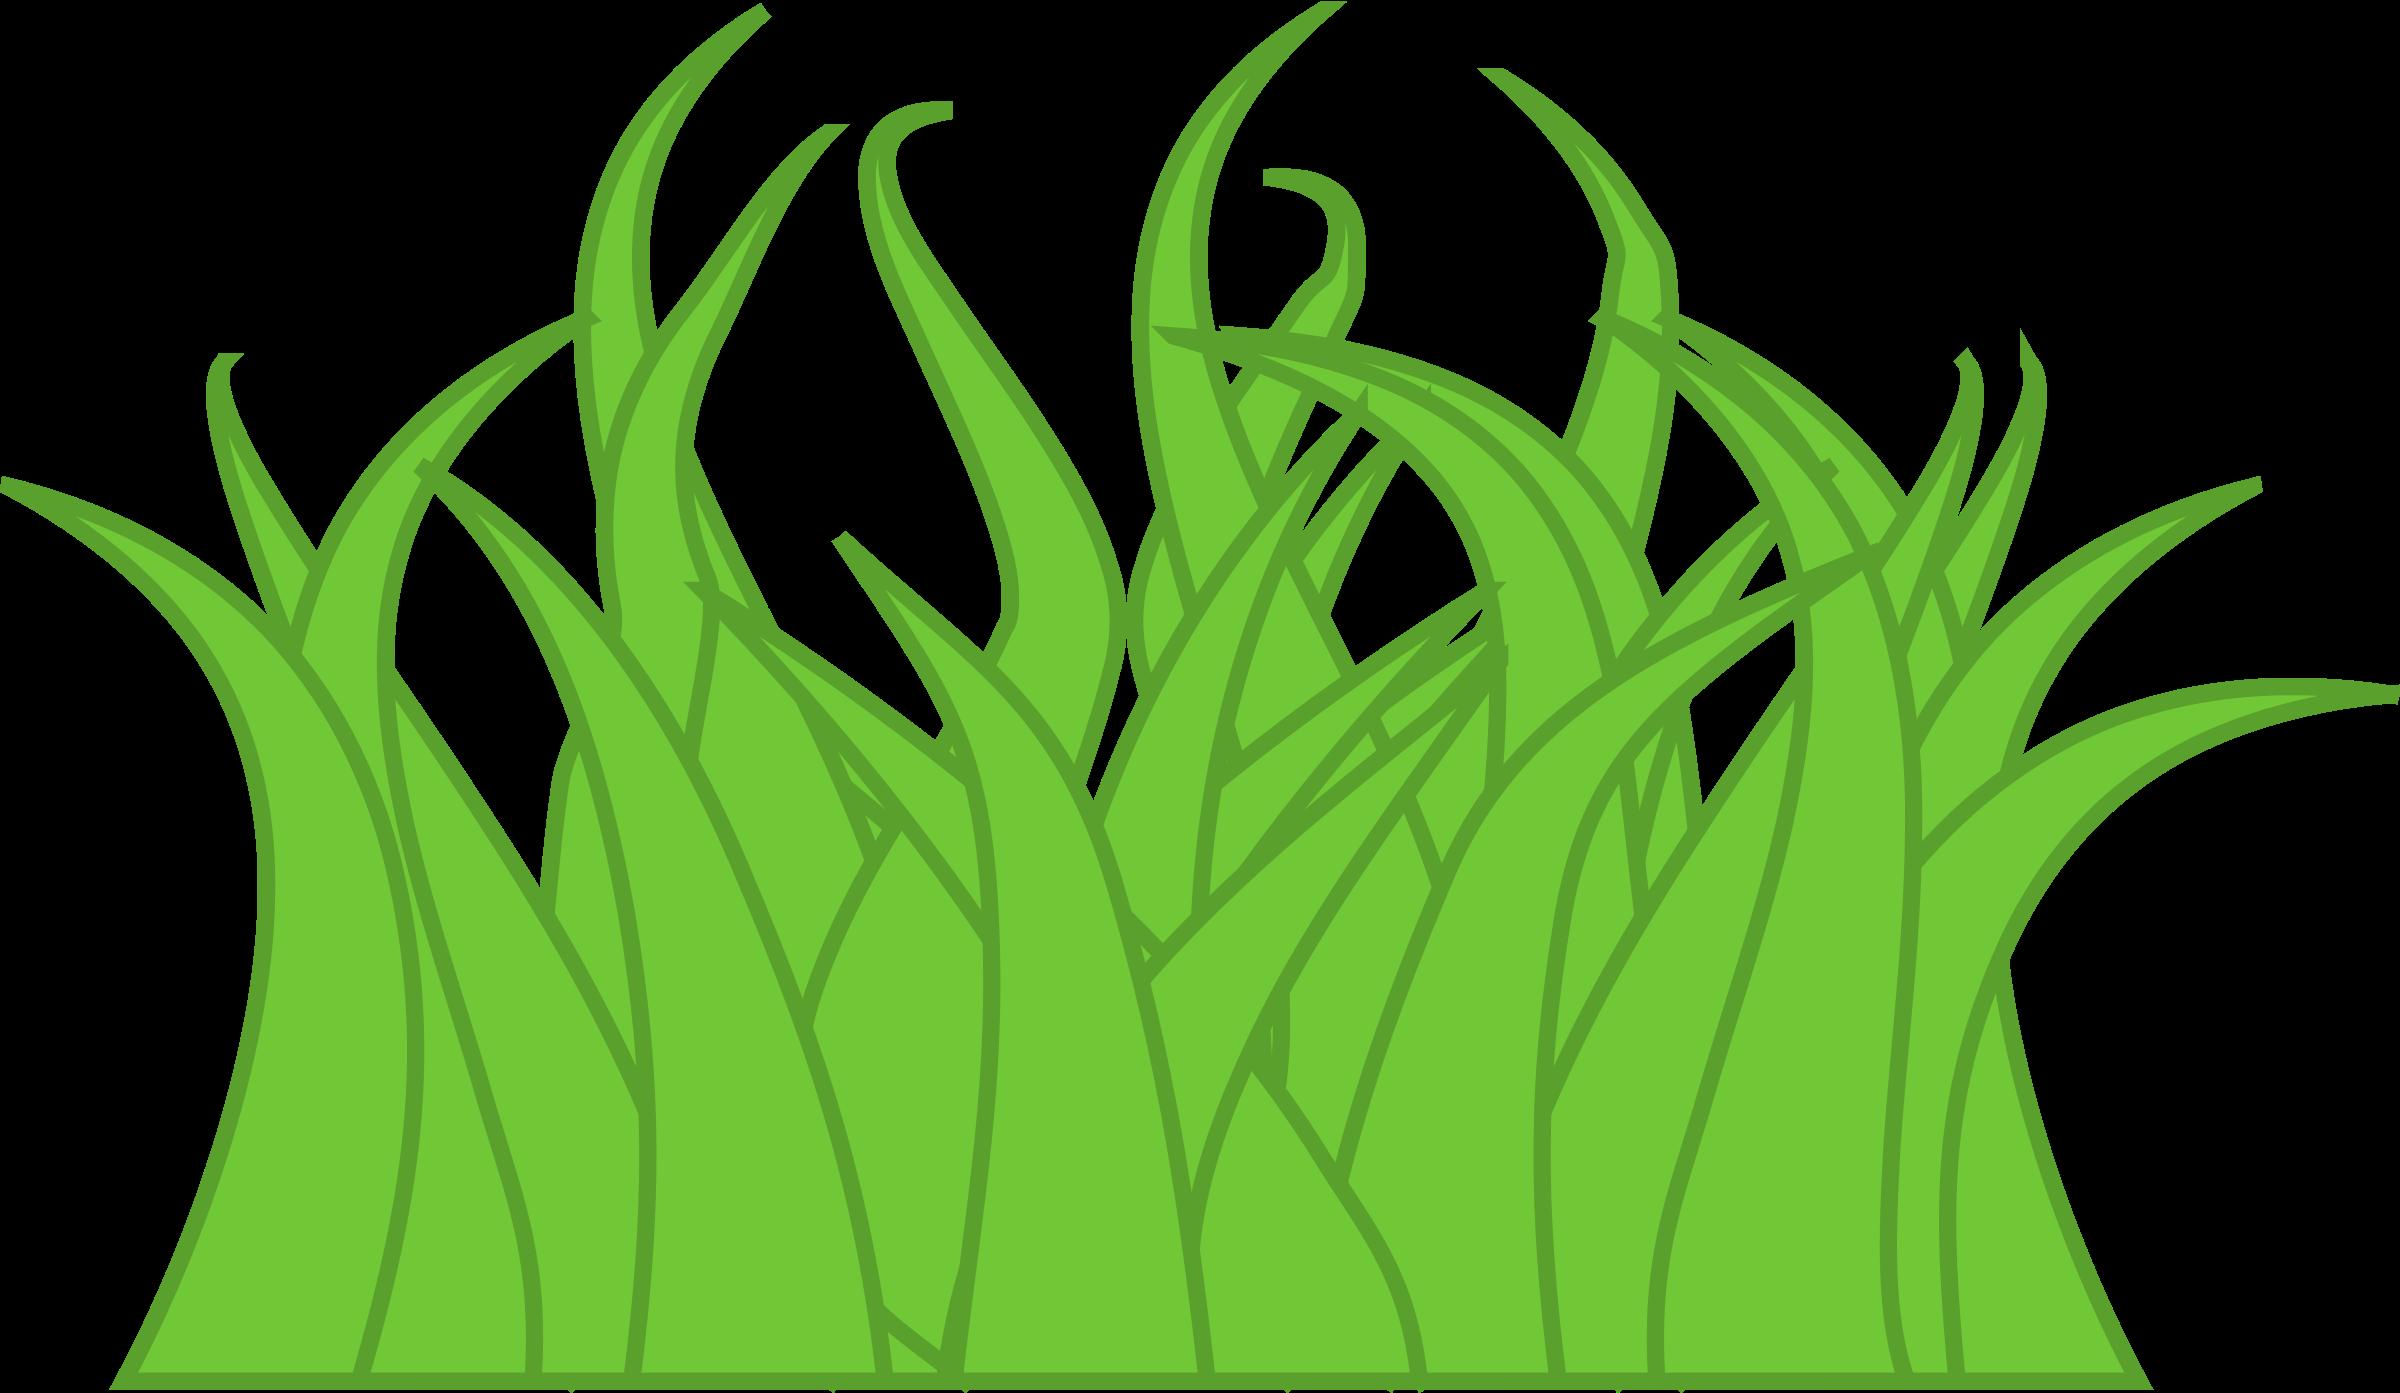 Grass Drawings Clipart - Grass Clipart